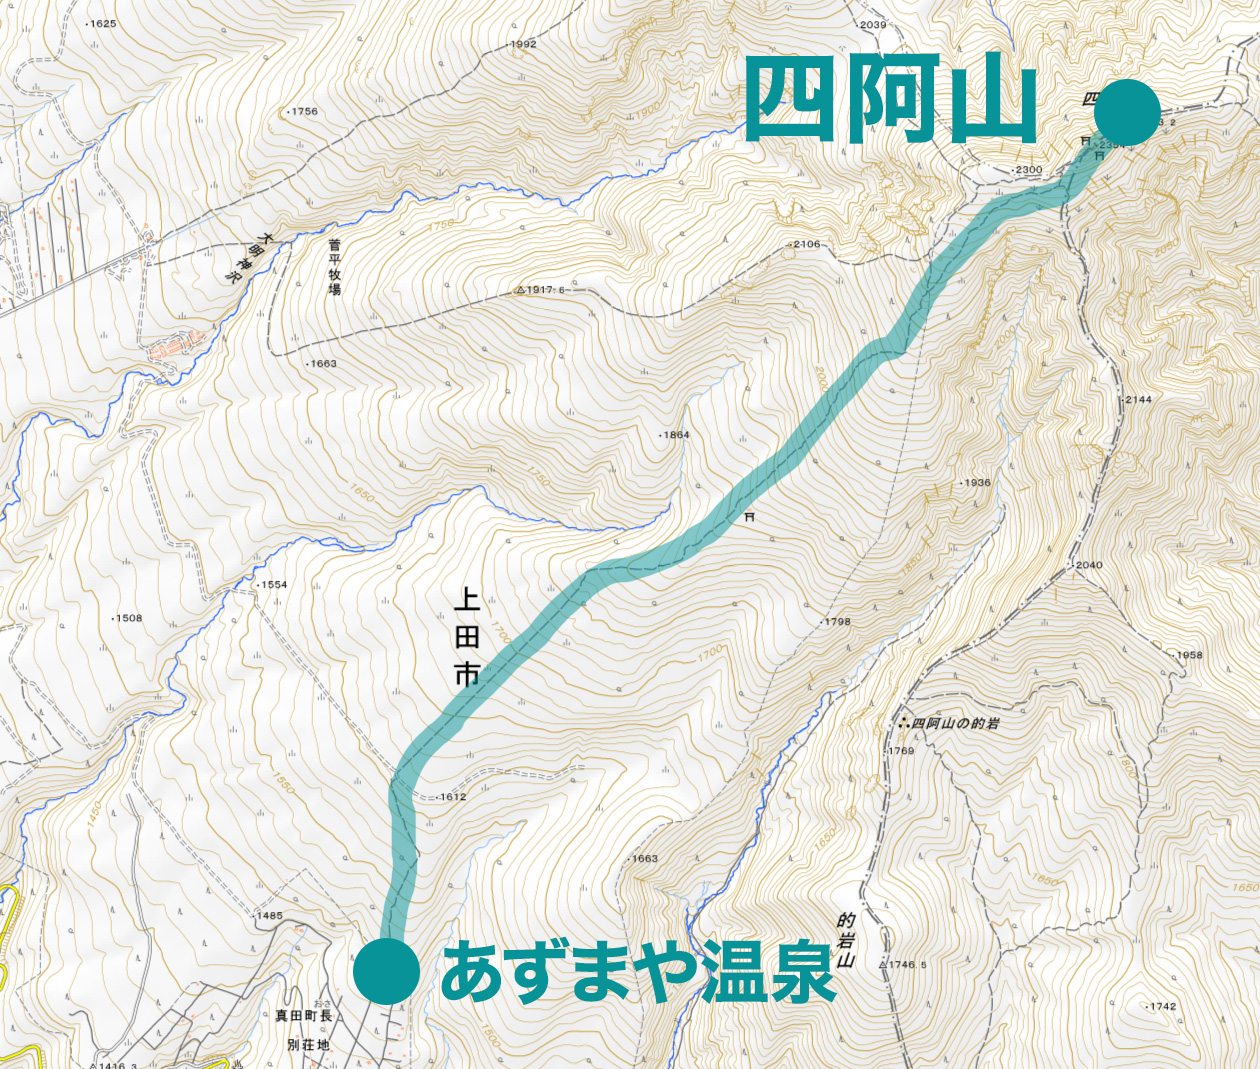 四阿山 山スキー ルート図